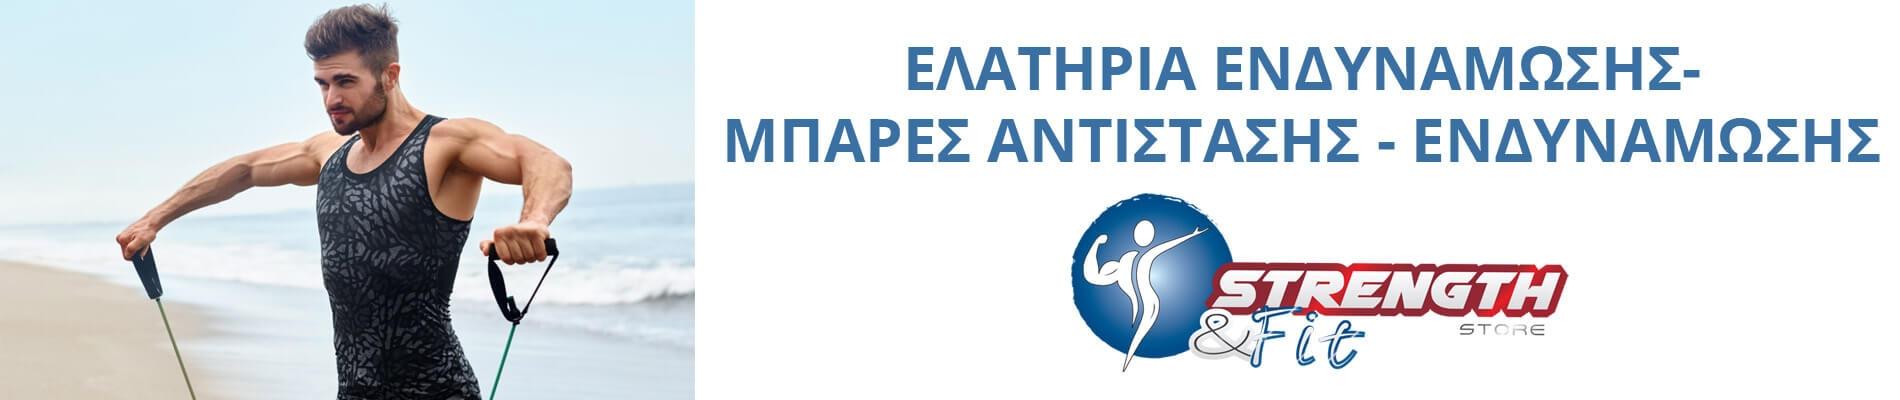 ΕΛΑΤΗΡΙΑ ΕΝΔΥΝΑΜΩΣΗΣ-ΜΠΑΡΕΣ ΑΝΤΙΣΤΑΣΗΣ - ΕΝΔΥΝΑΜΩΣΗΣ